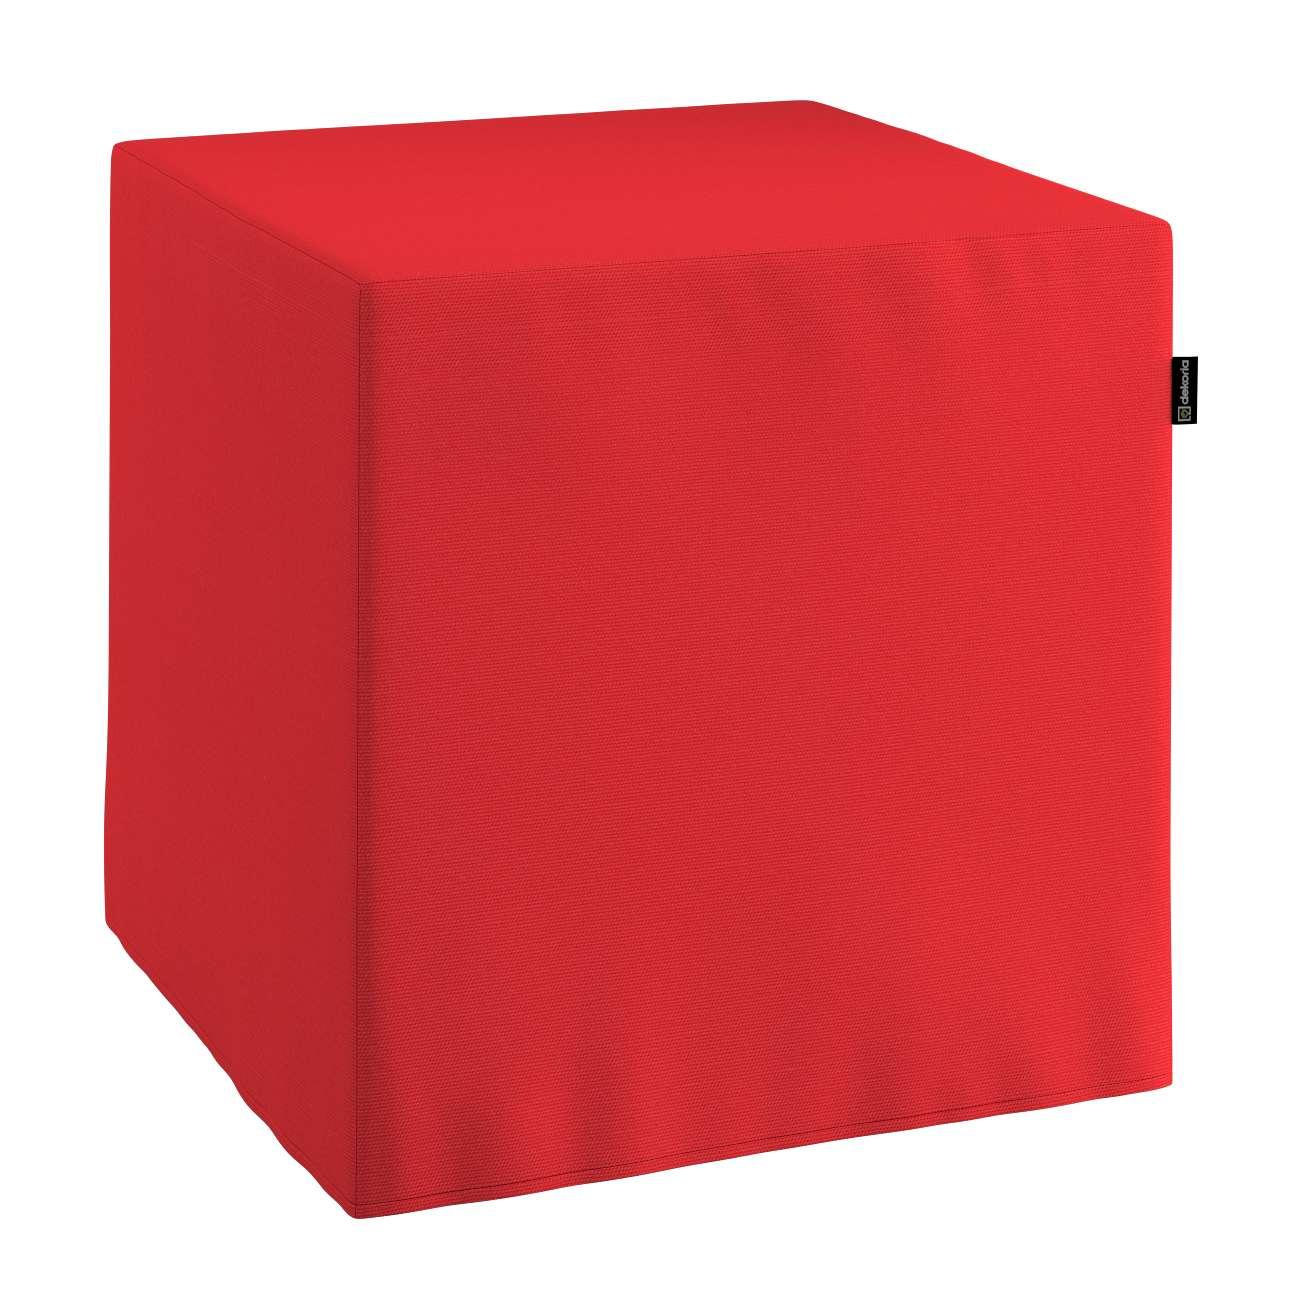 Pokrowiec na pufę kostke kostka 40x40x40 cm w kolekcji Loneta, tkanina: 133-43